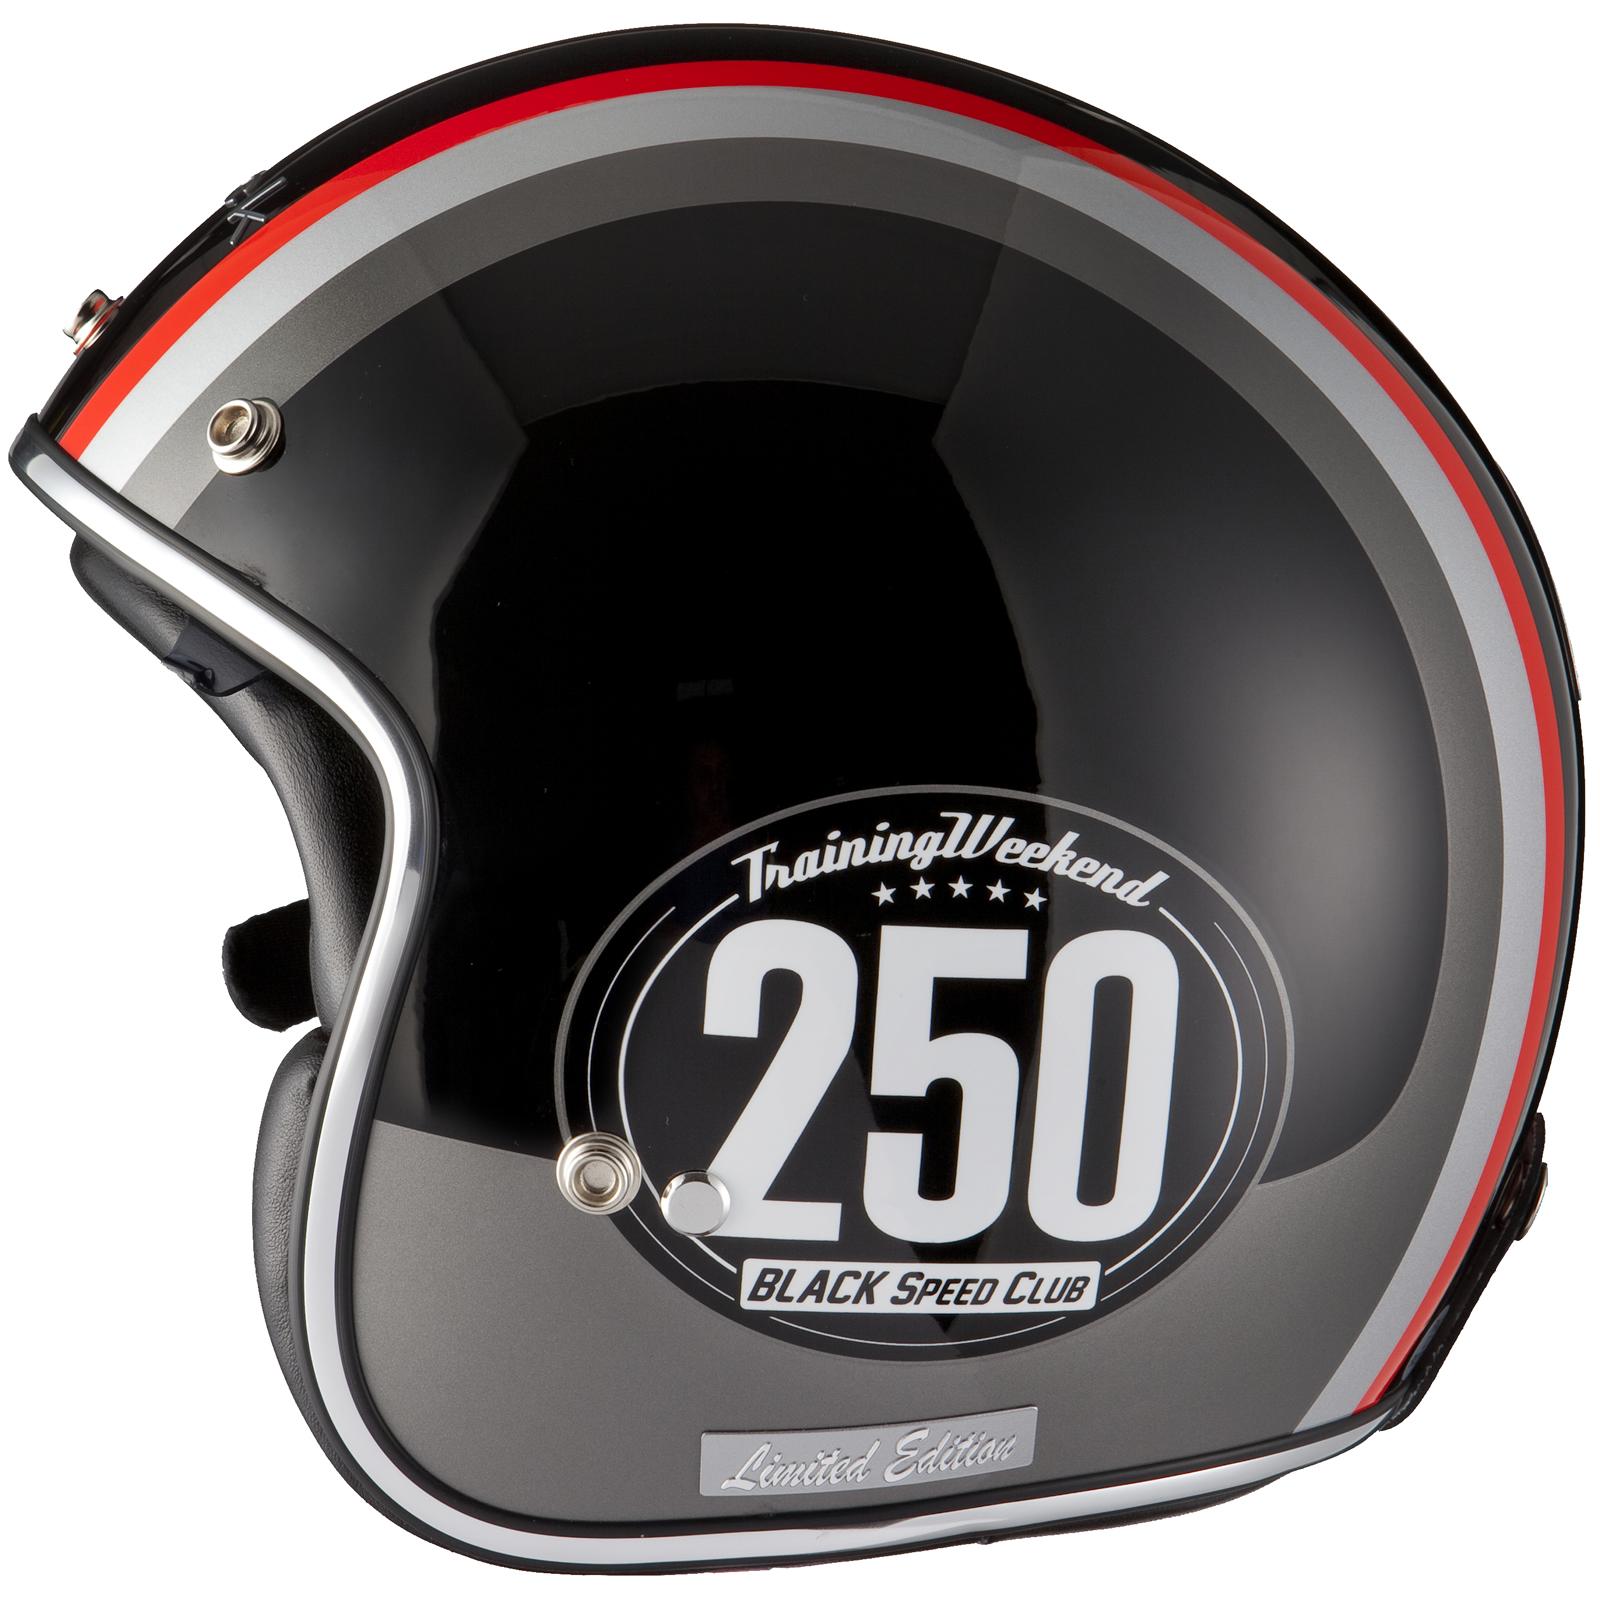 Vintage helmet motorcycle Etsy